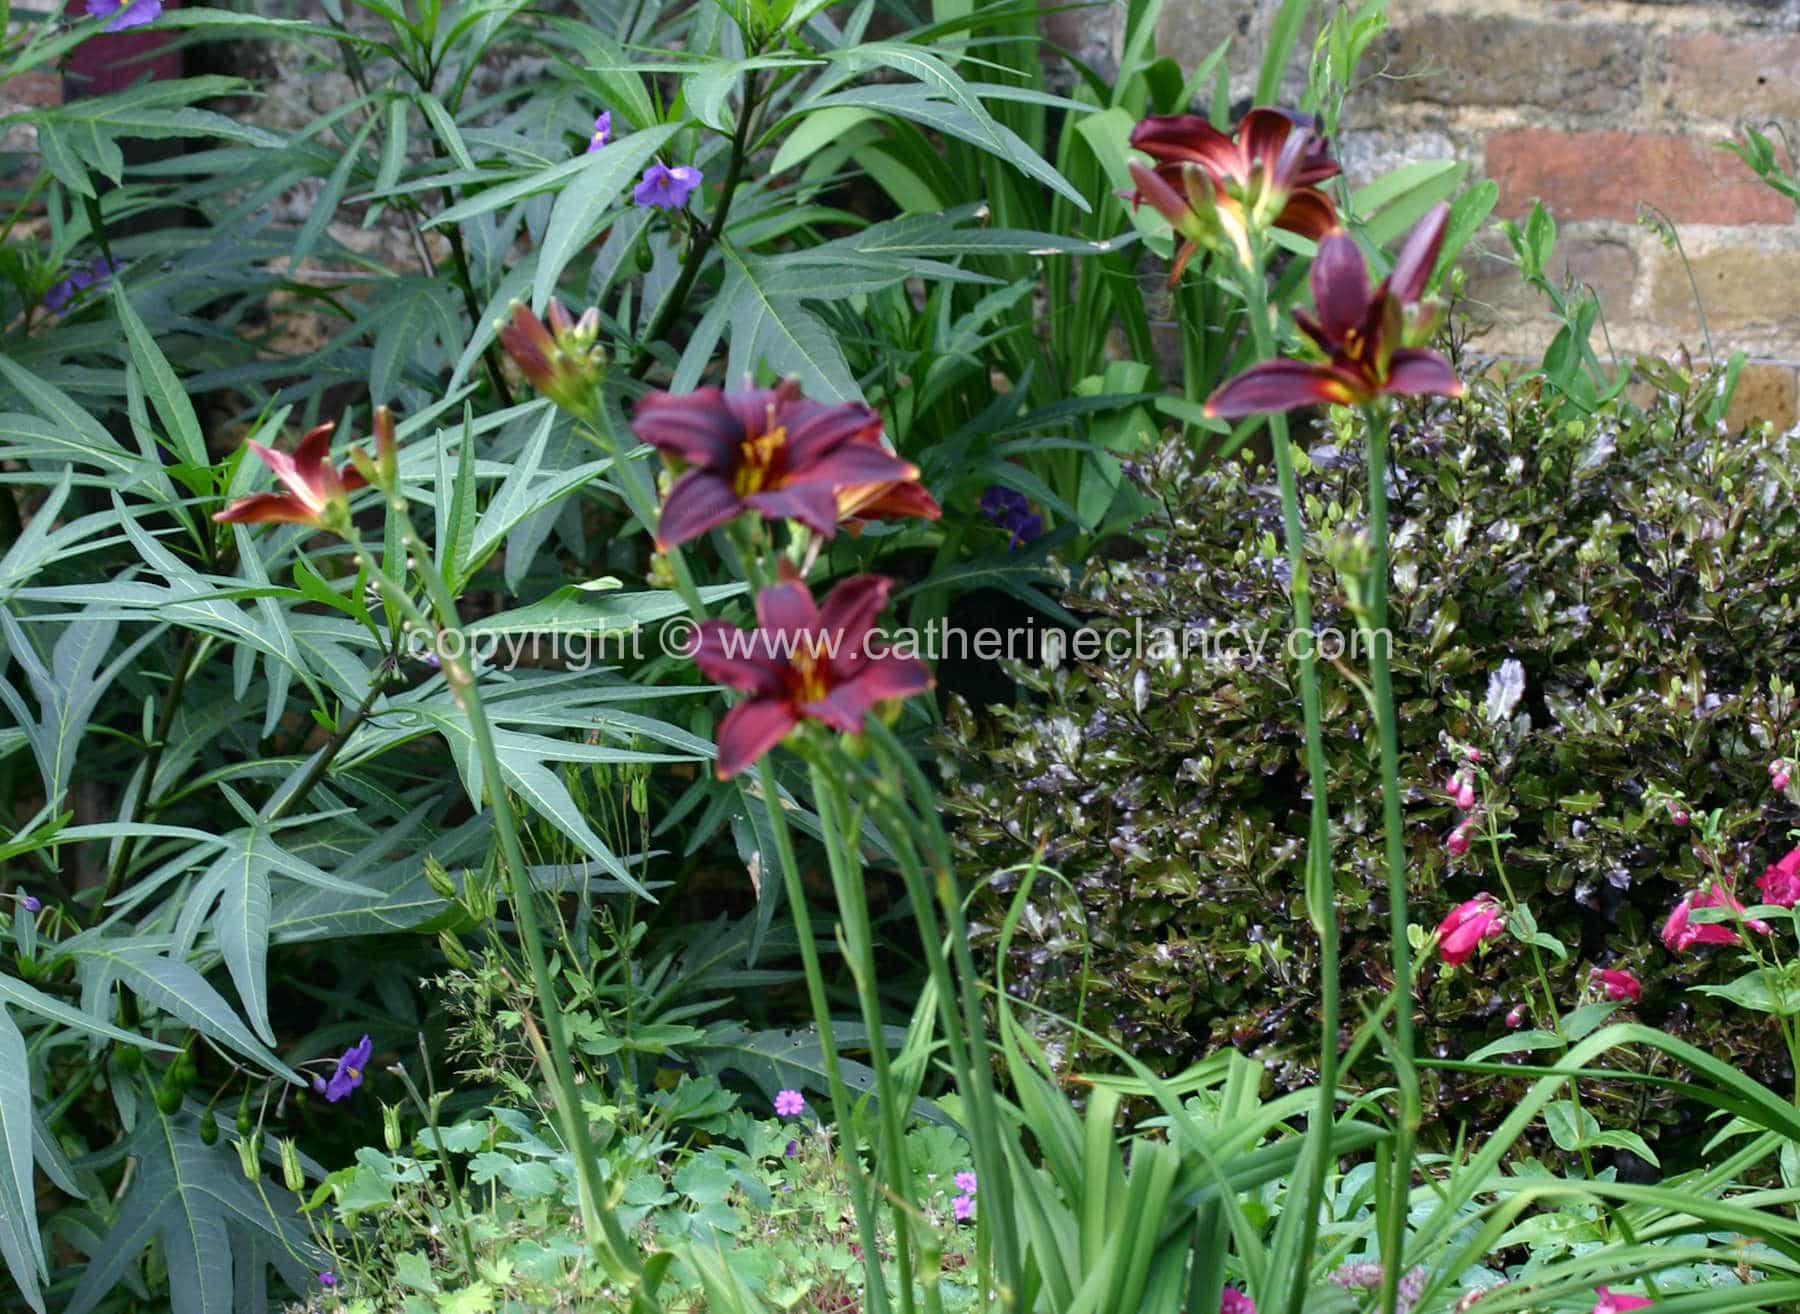 blackheath-walled-garden-flowerbed